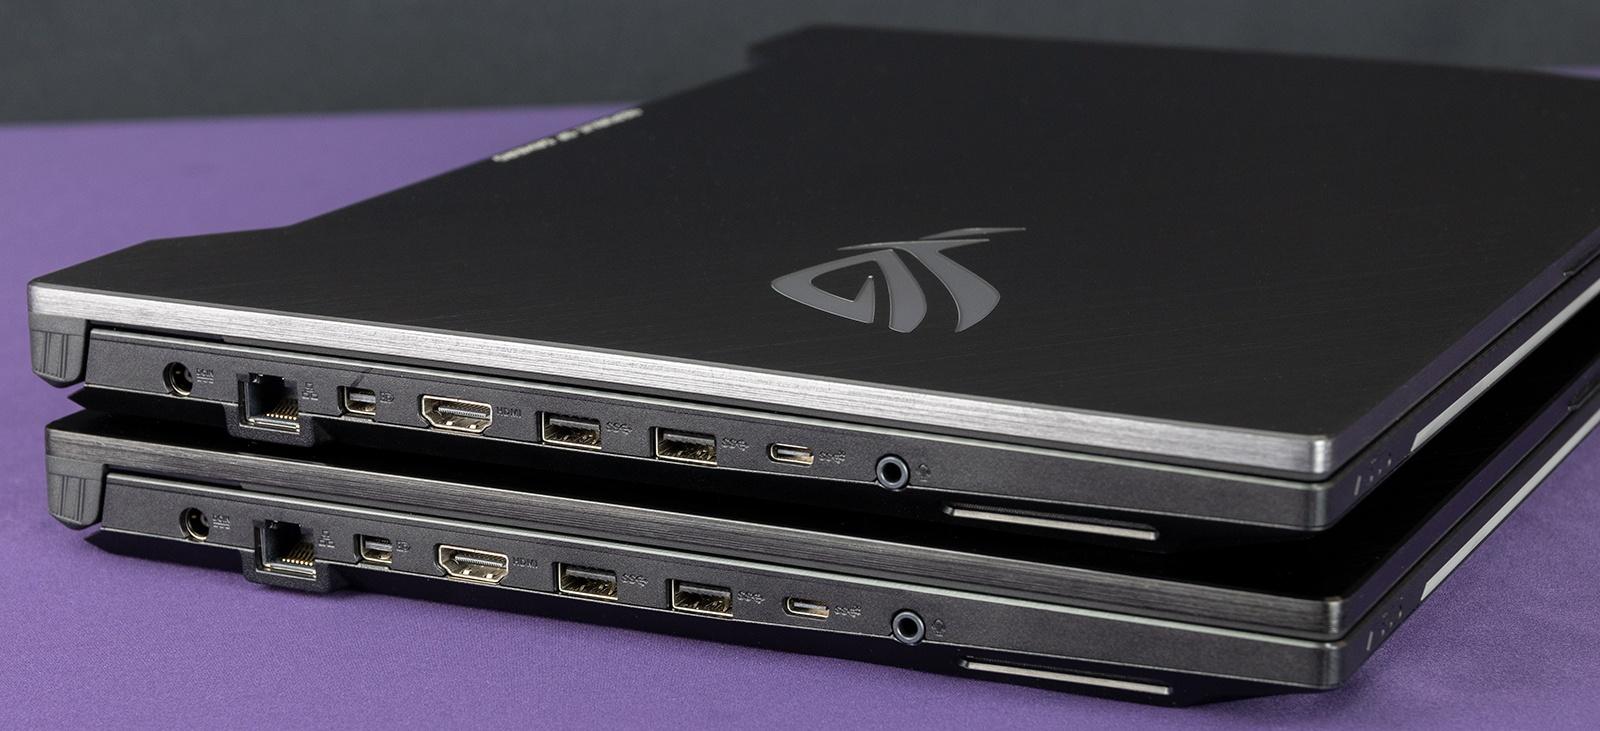 Обзор игровых ноутбуков ASUS ROG Strix GL504GS SCAR II и ASUS ROG Strix GL504GM HERO II - 7